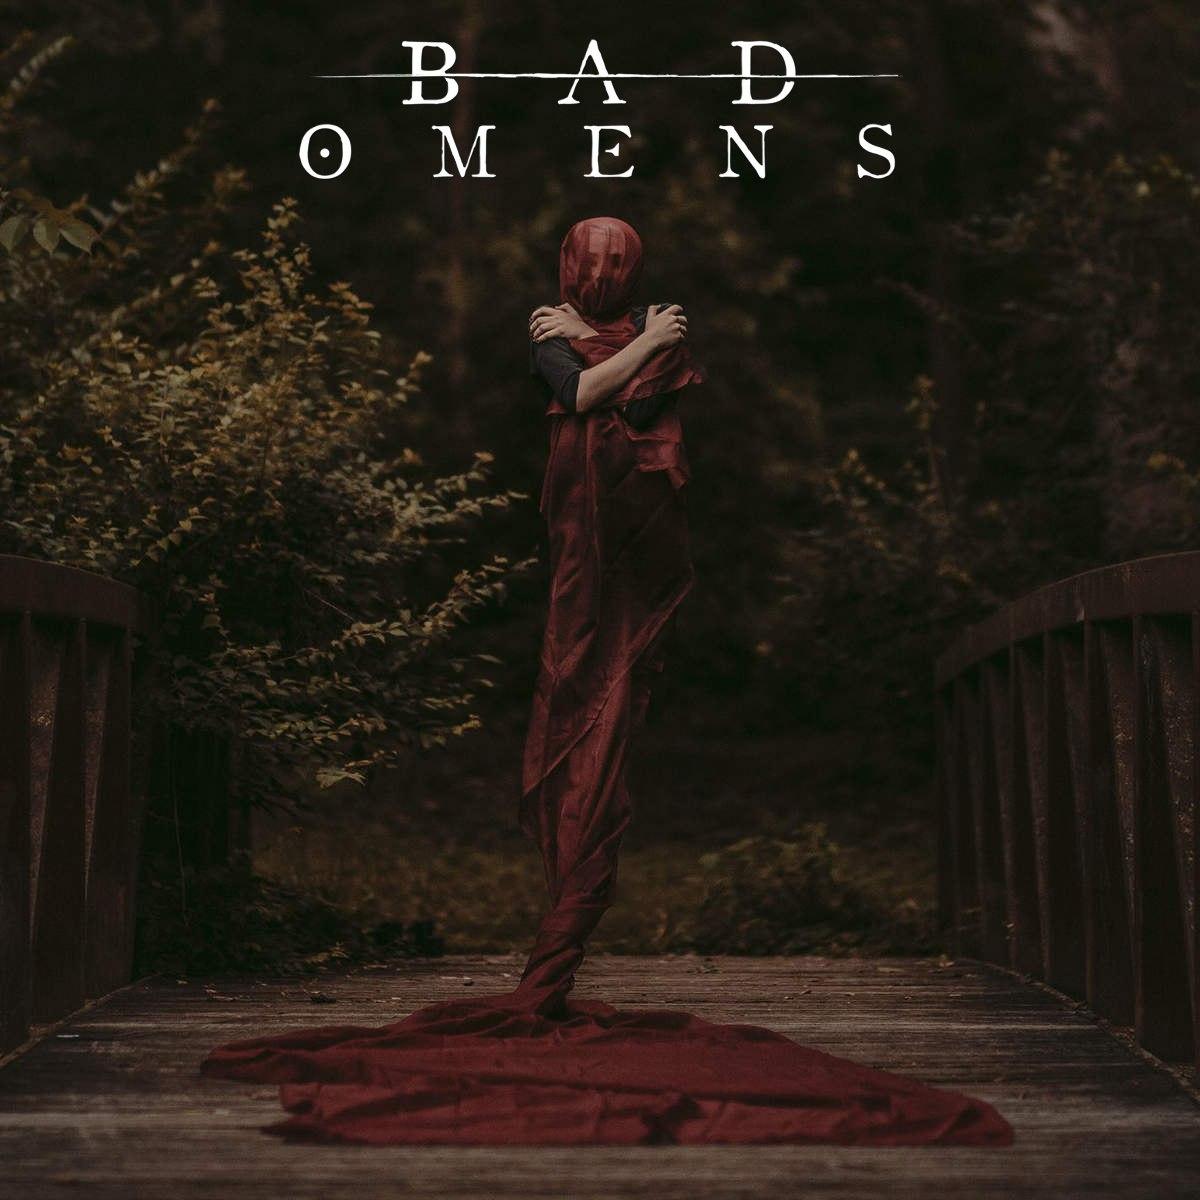 Группа Bad Omens выпустила дебютный альбом